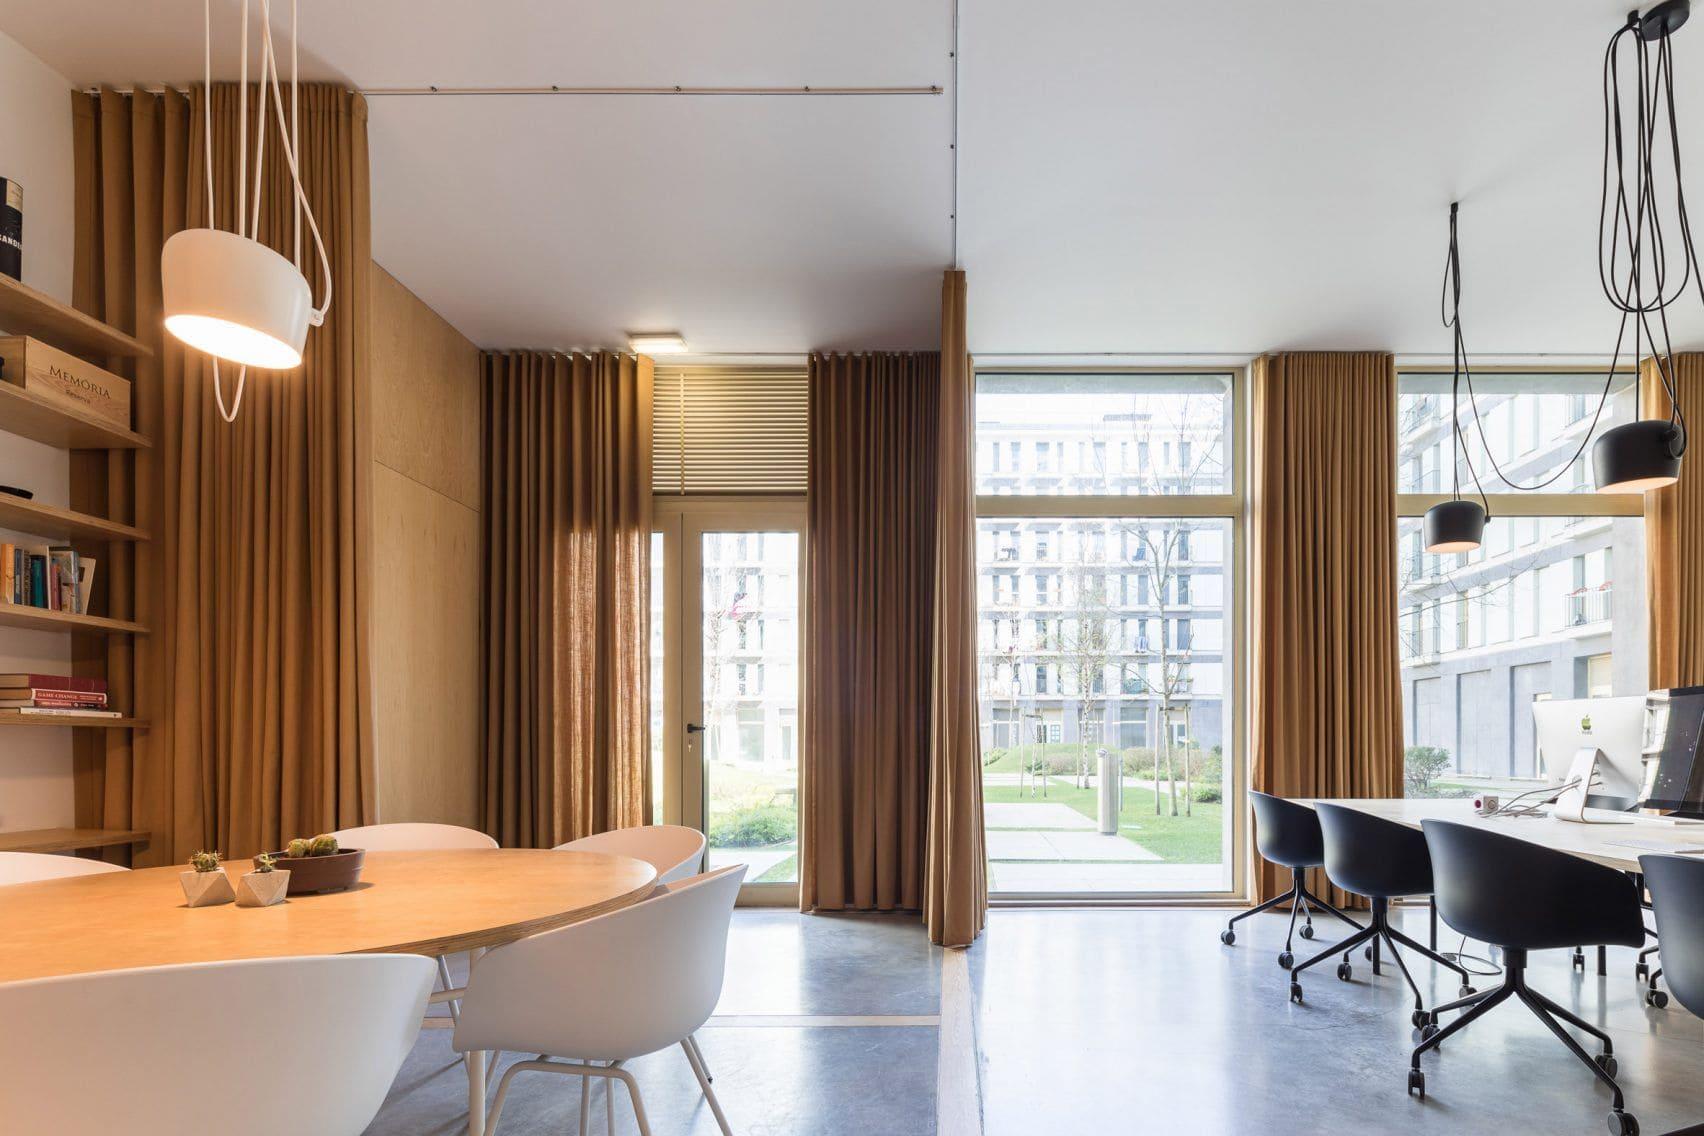 шторы в офис дизайн фото